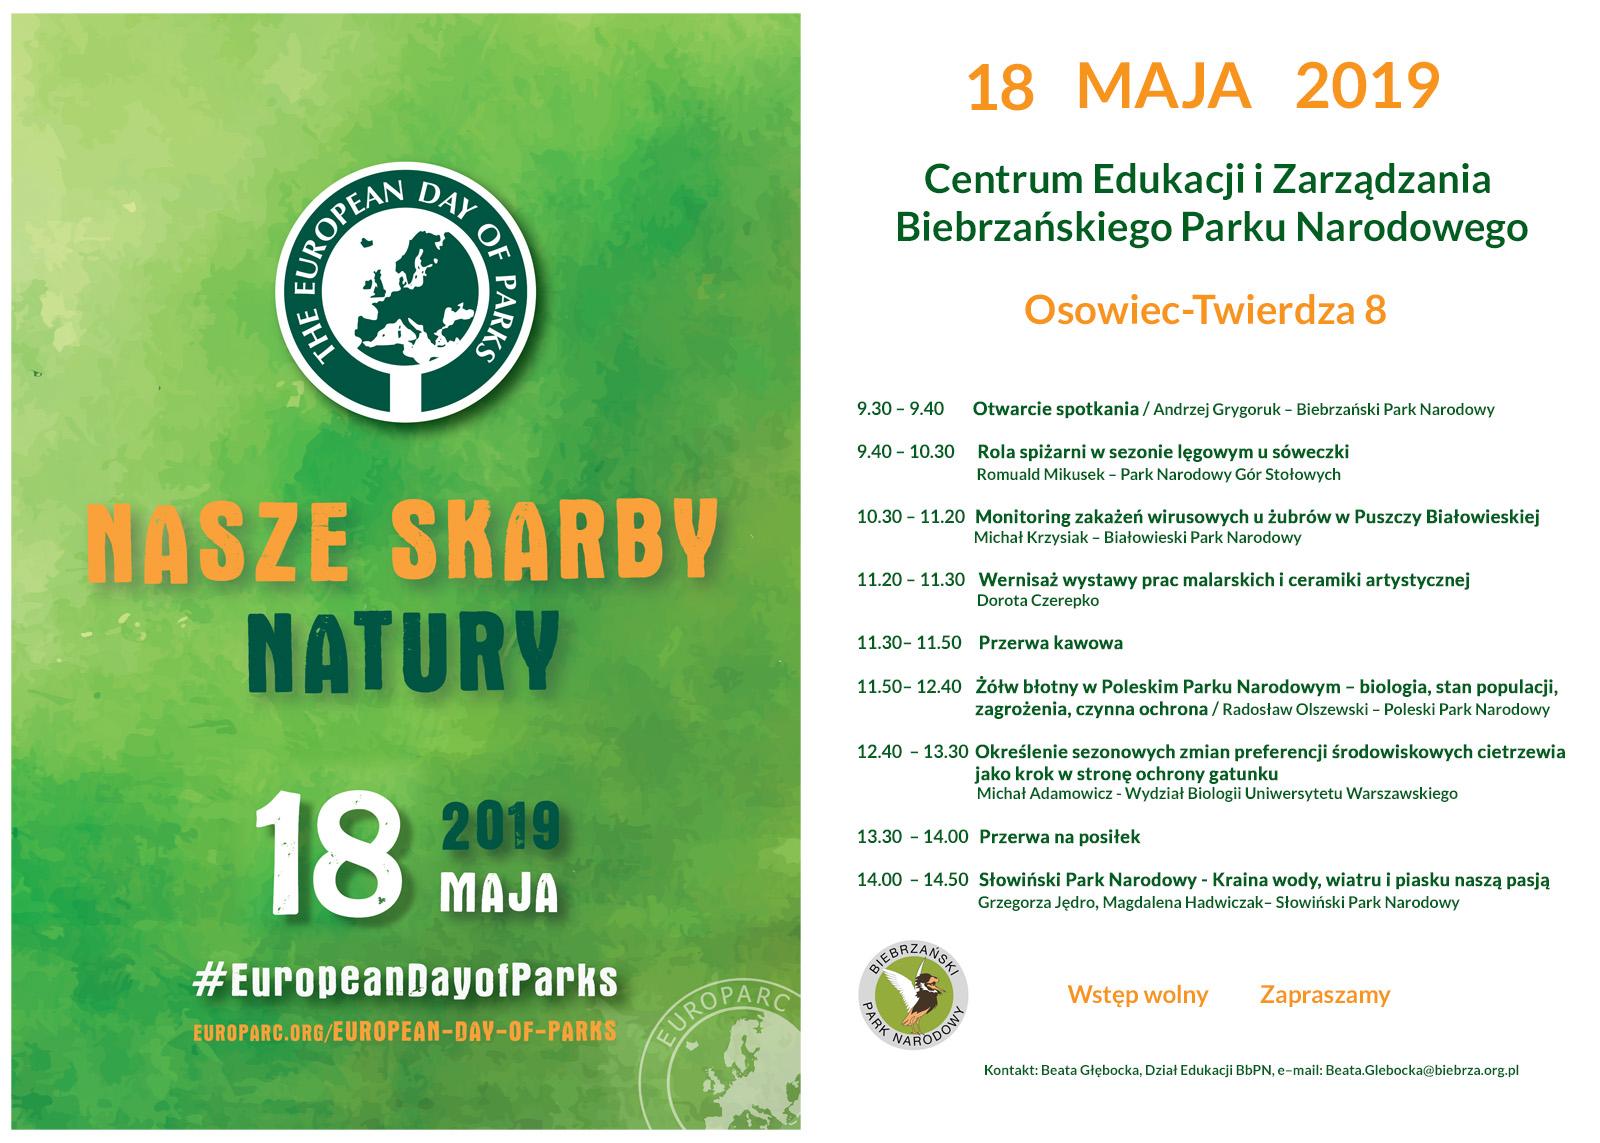 Europejski Dzień Parków Narodowych 18 Maja 2019 R